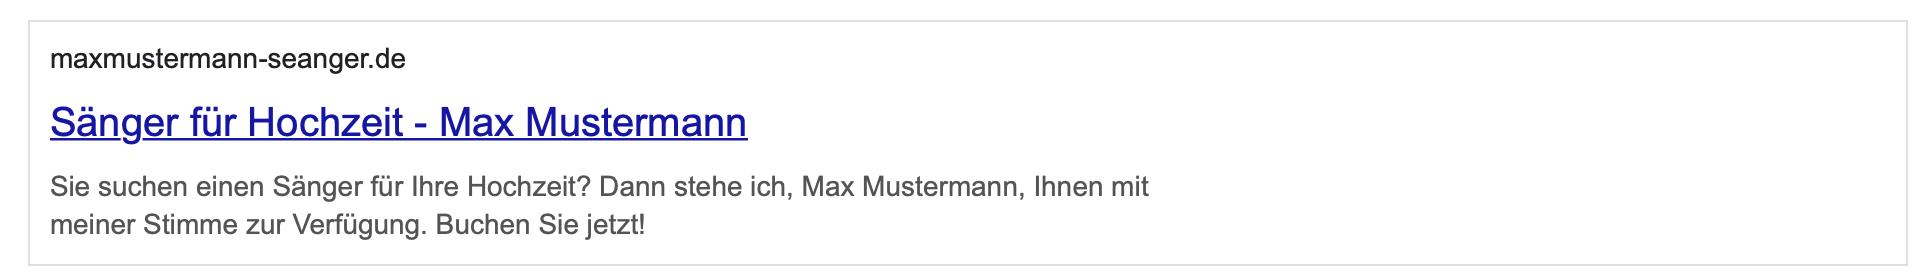 Snippet Max Mustermann - Sänger